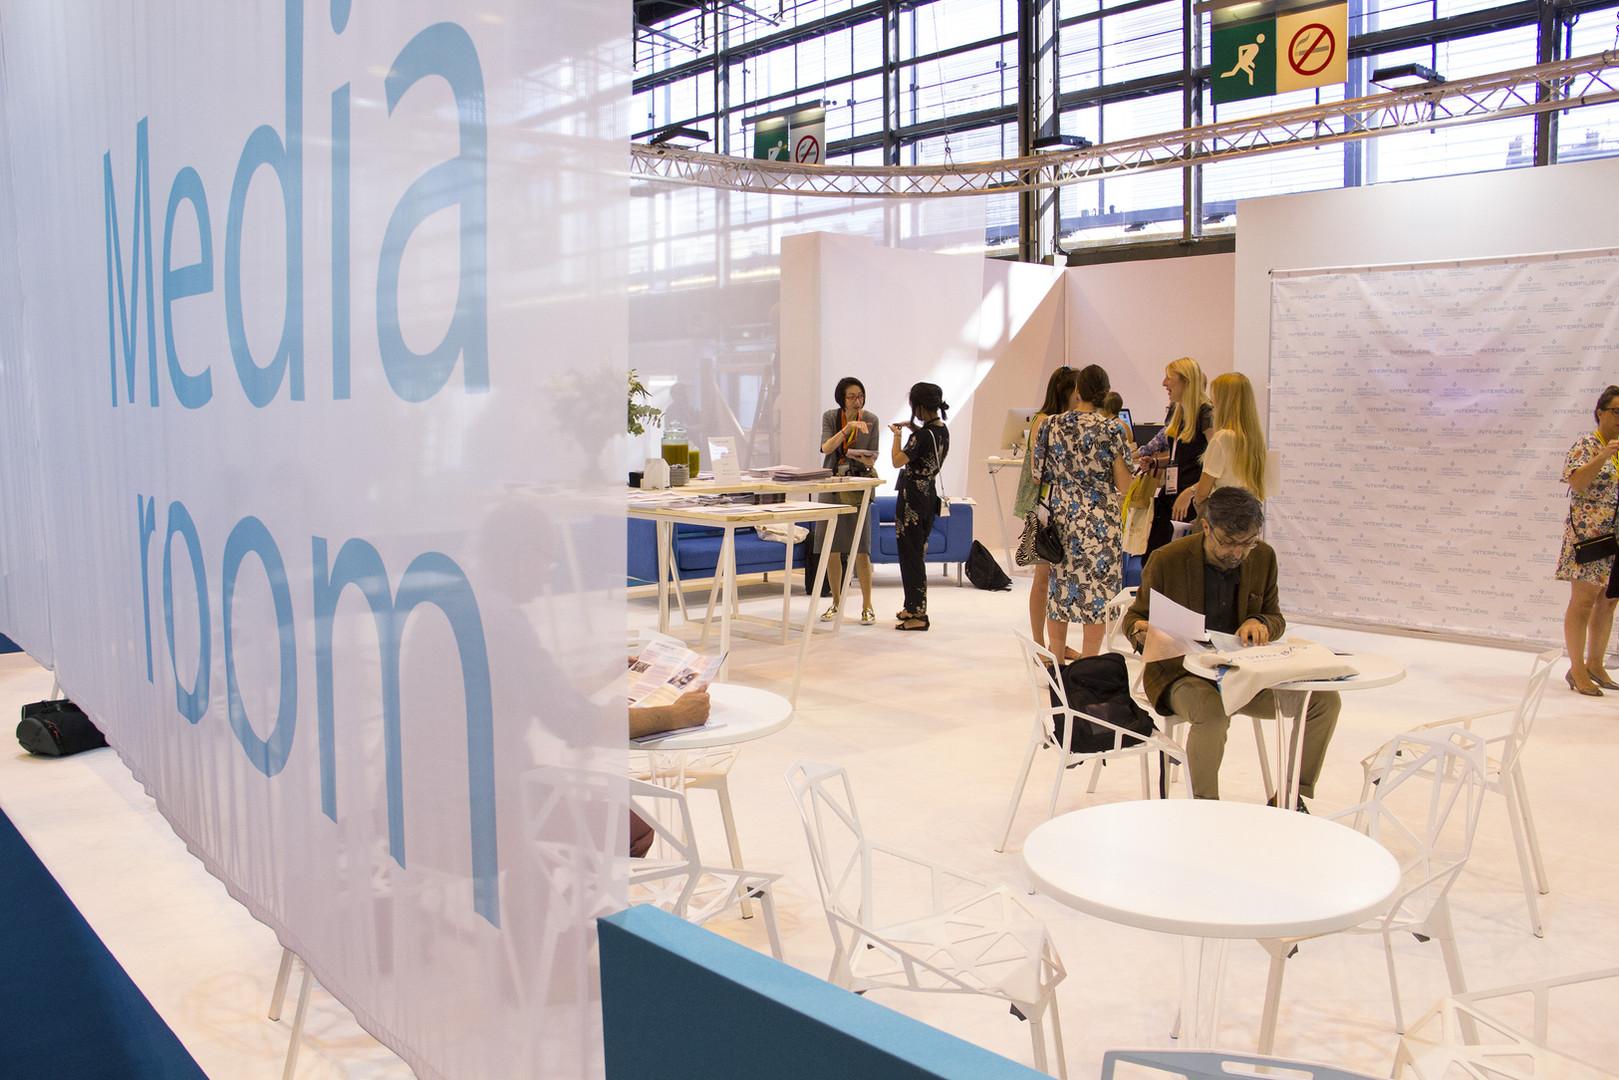 3-media-room-29-09-17-3.jpg